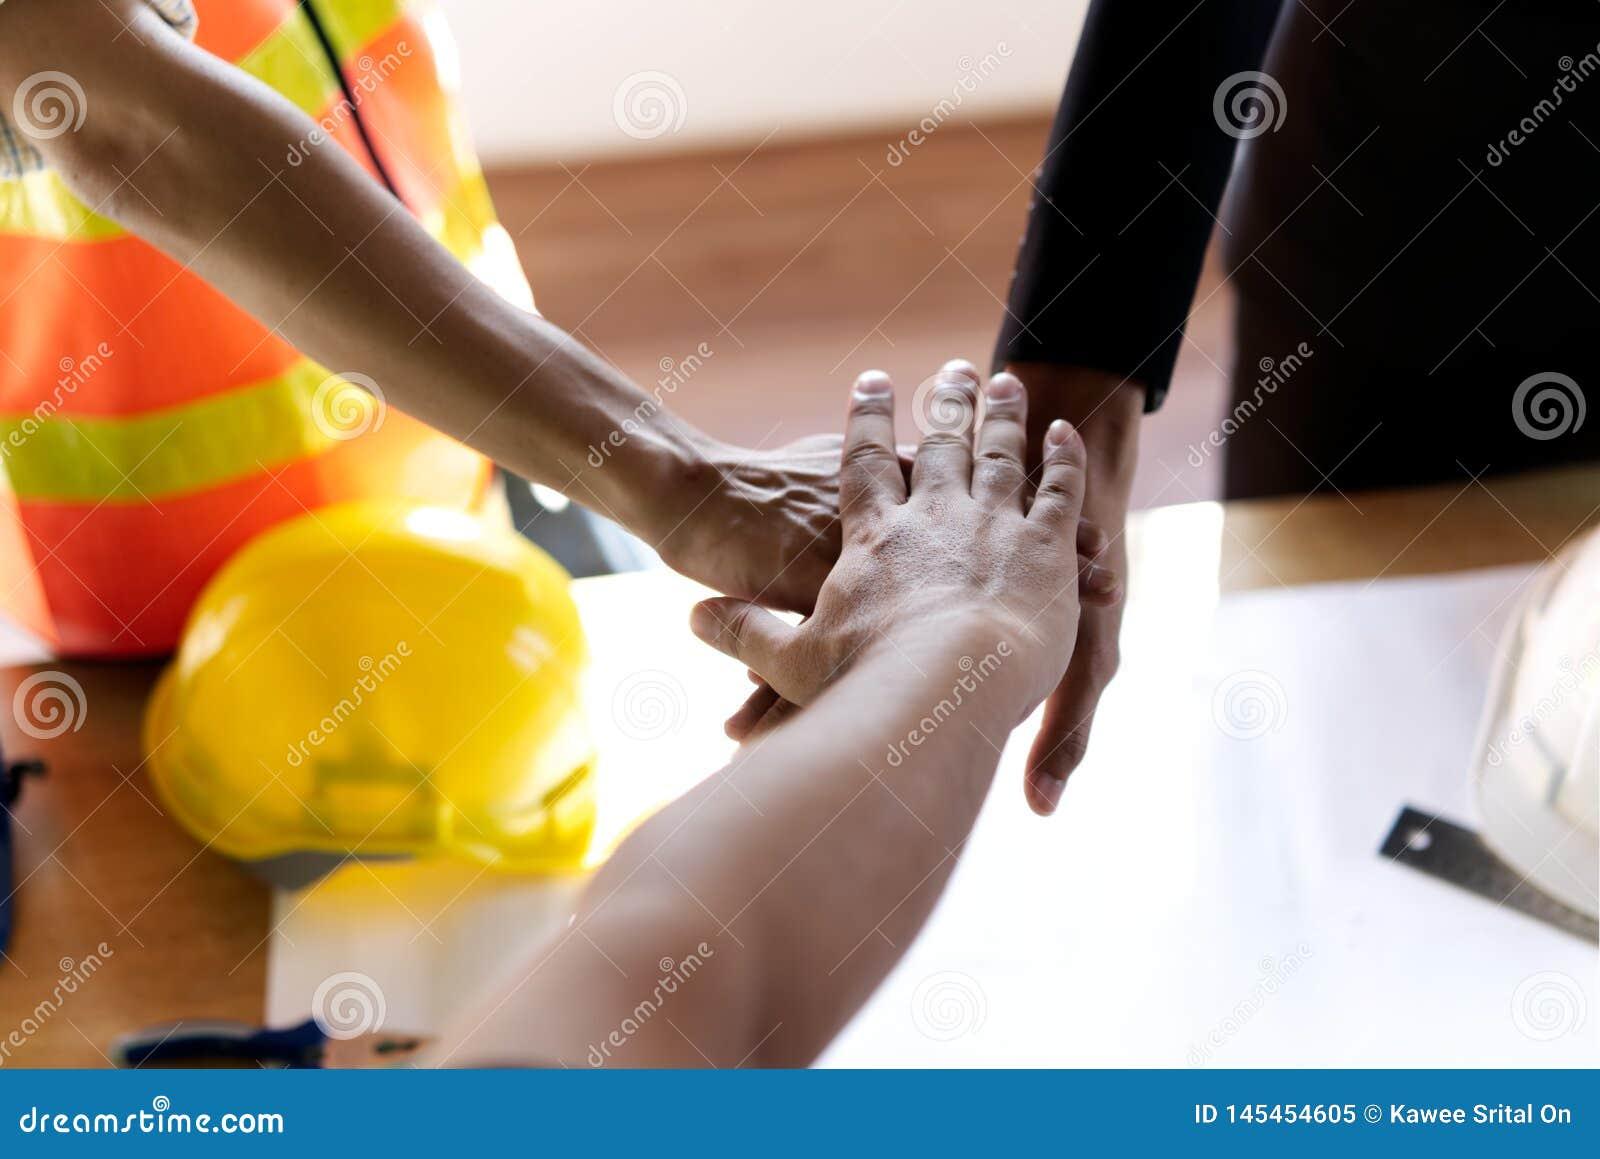 Makt av samarbete och bra teamwork i konstruktionsaffären Att att lyckas målet och de framkallande hållbara partnerskapen